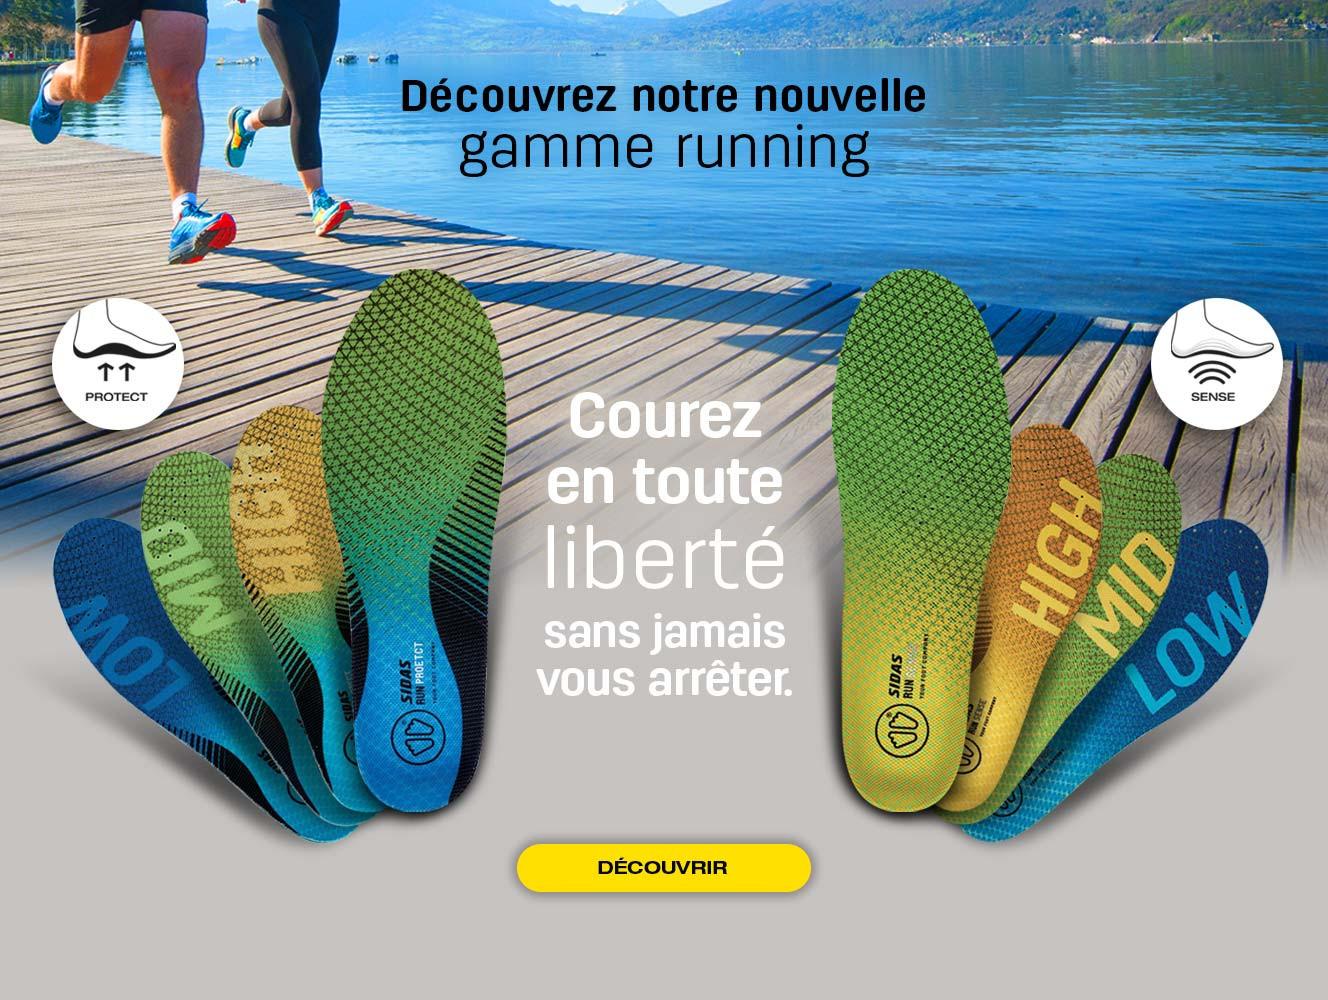 Découvrez notre nouvelle gamme spécialisée pour la course à pieds